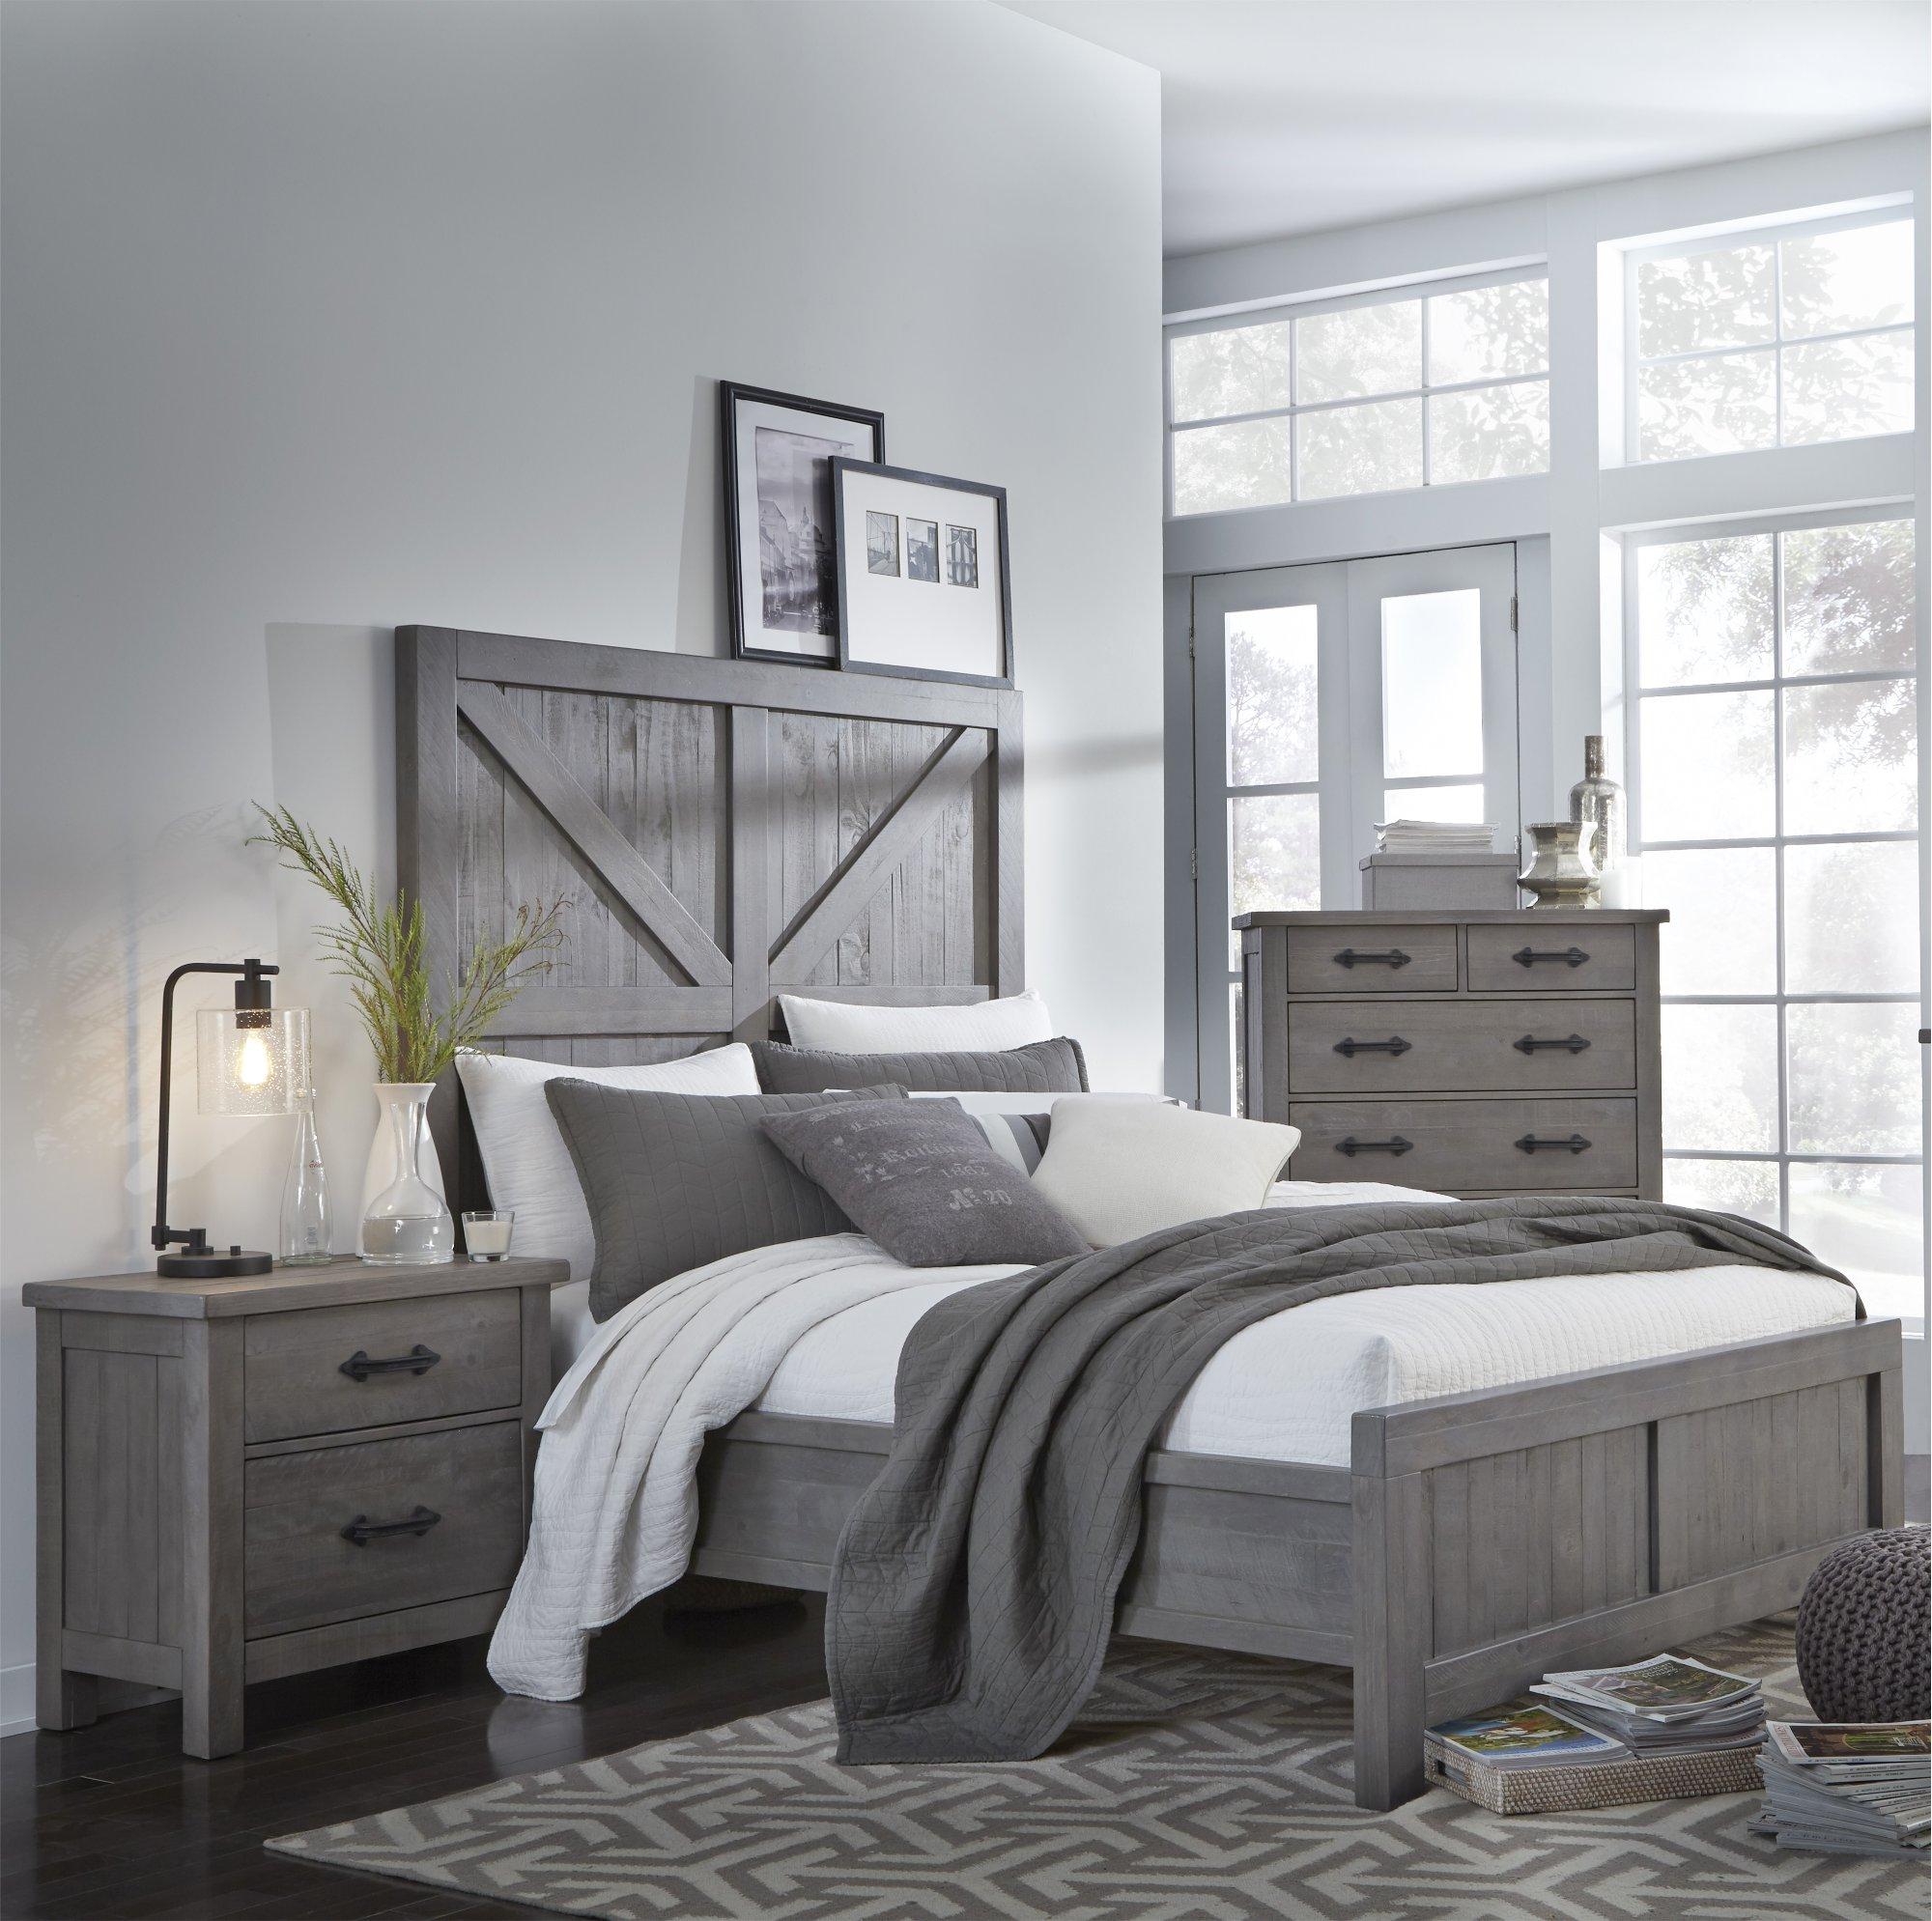 Gray Rustic Contemporary 6 Piece Queen Bedroom Set ...